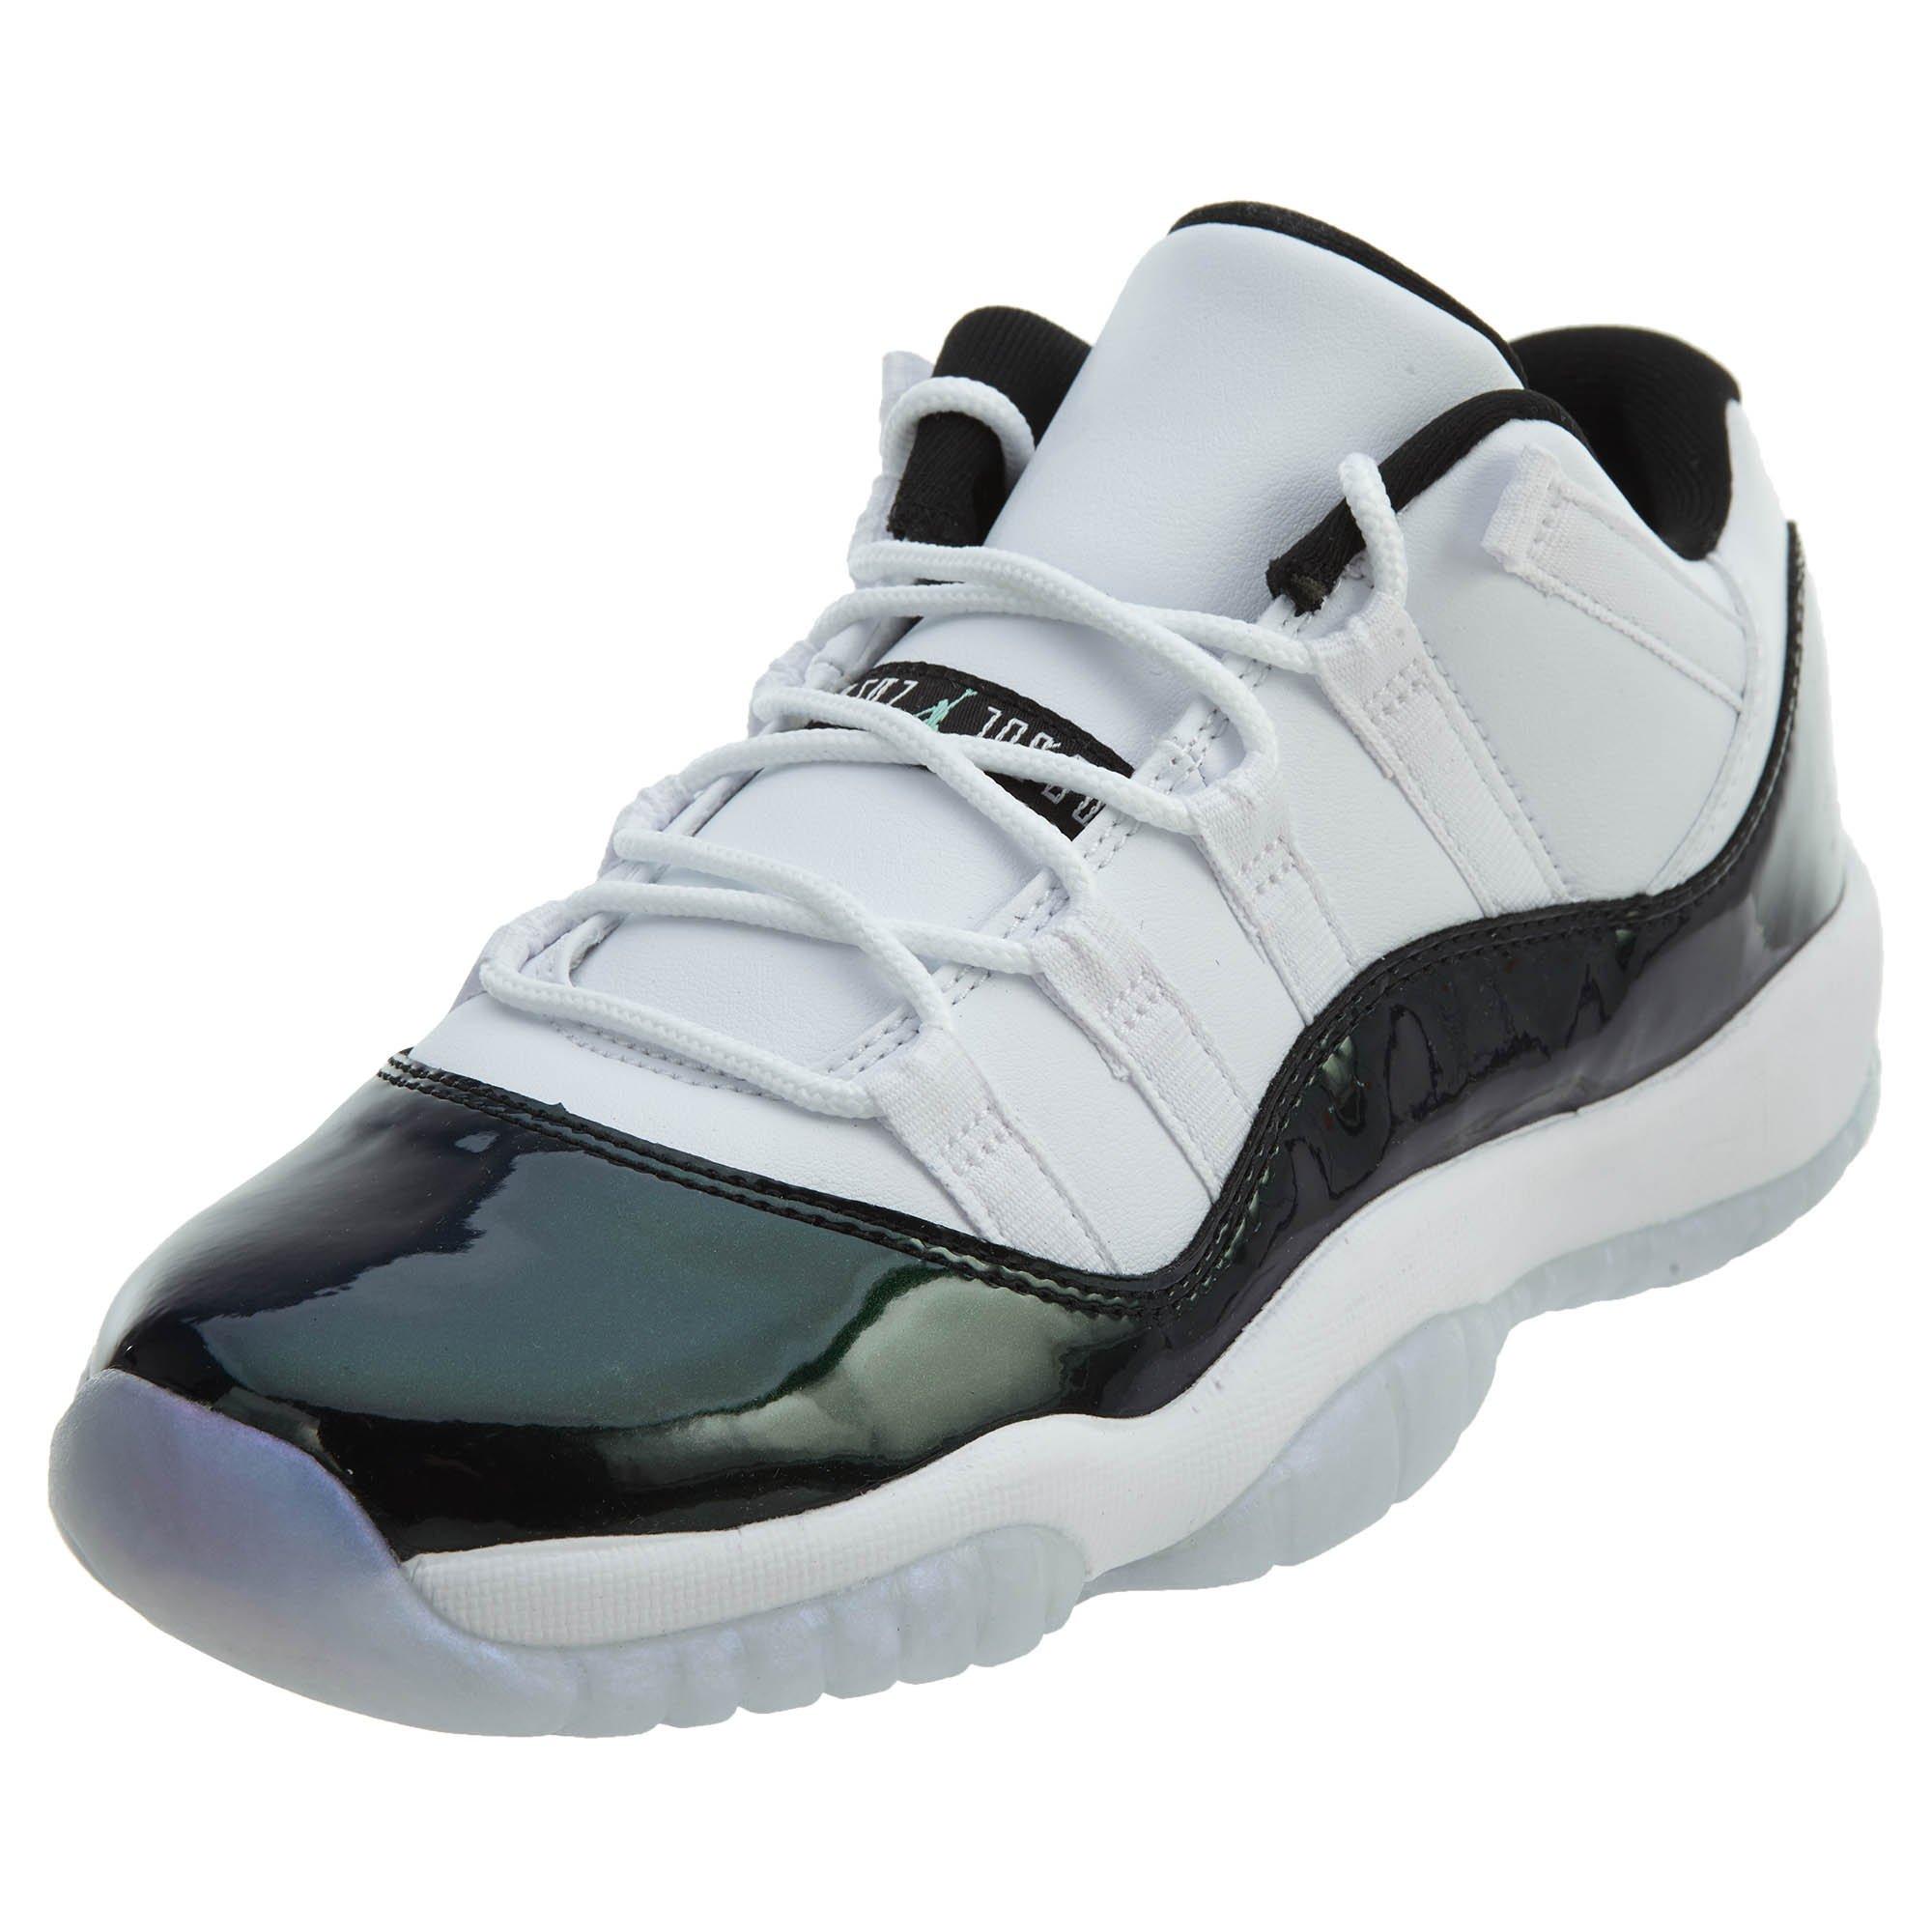 Jordan Nike Kid s Air 11 Retro Low GS White Black Emerald 528896-145 (Size   3.5Y) b119ca29b